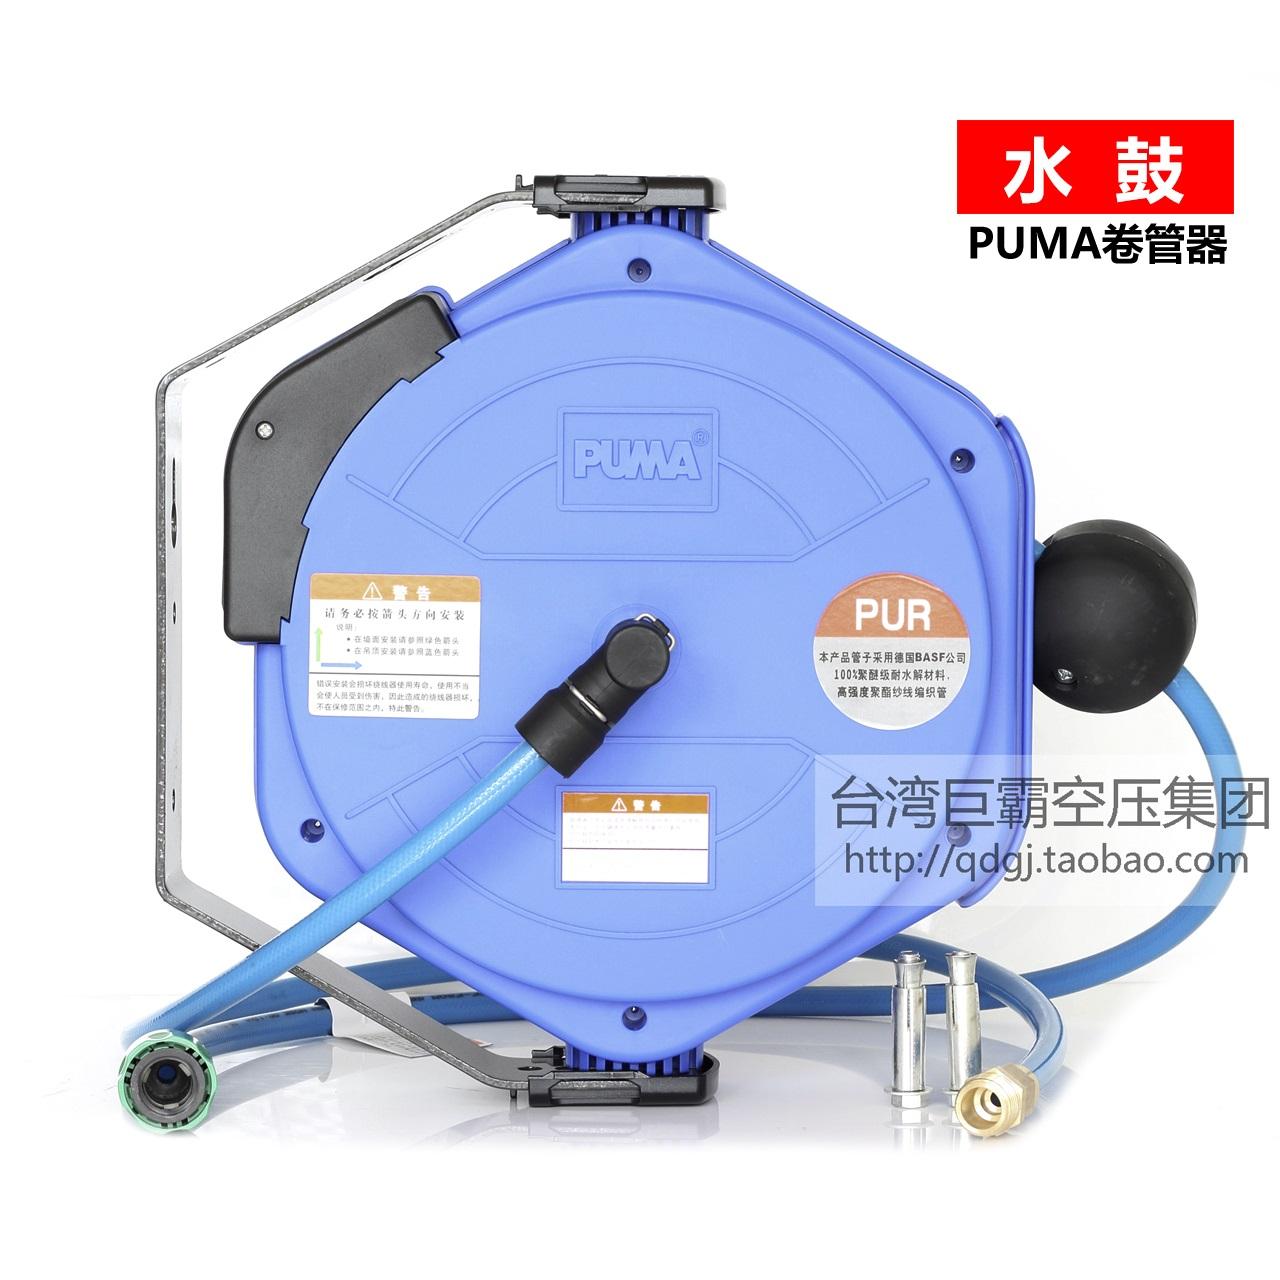 台湾巨霸PUMA卷管器伸缩气鼓电鼓水鼓自动pu夹纱气管电线气动10米